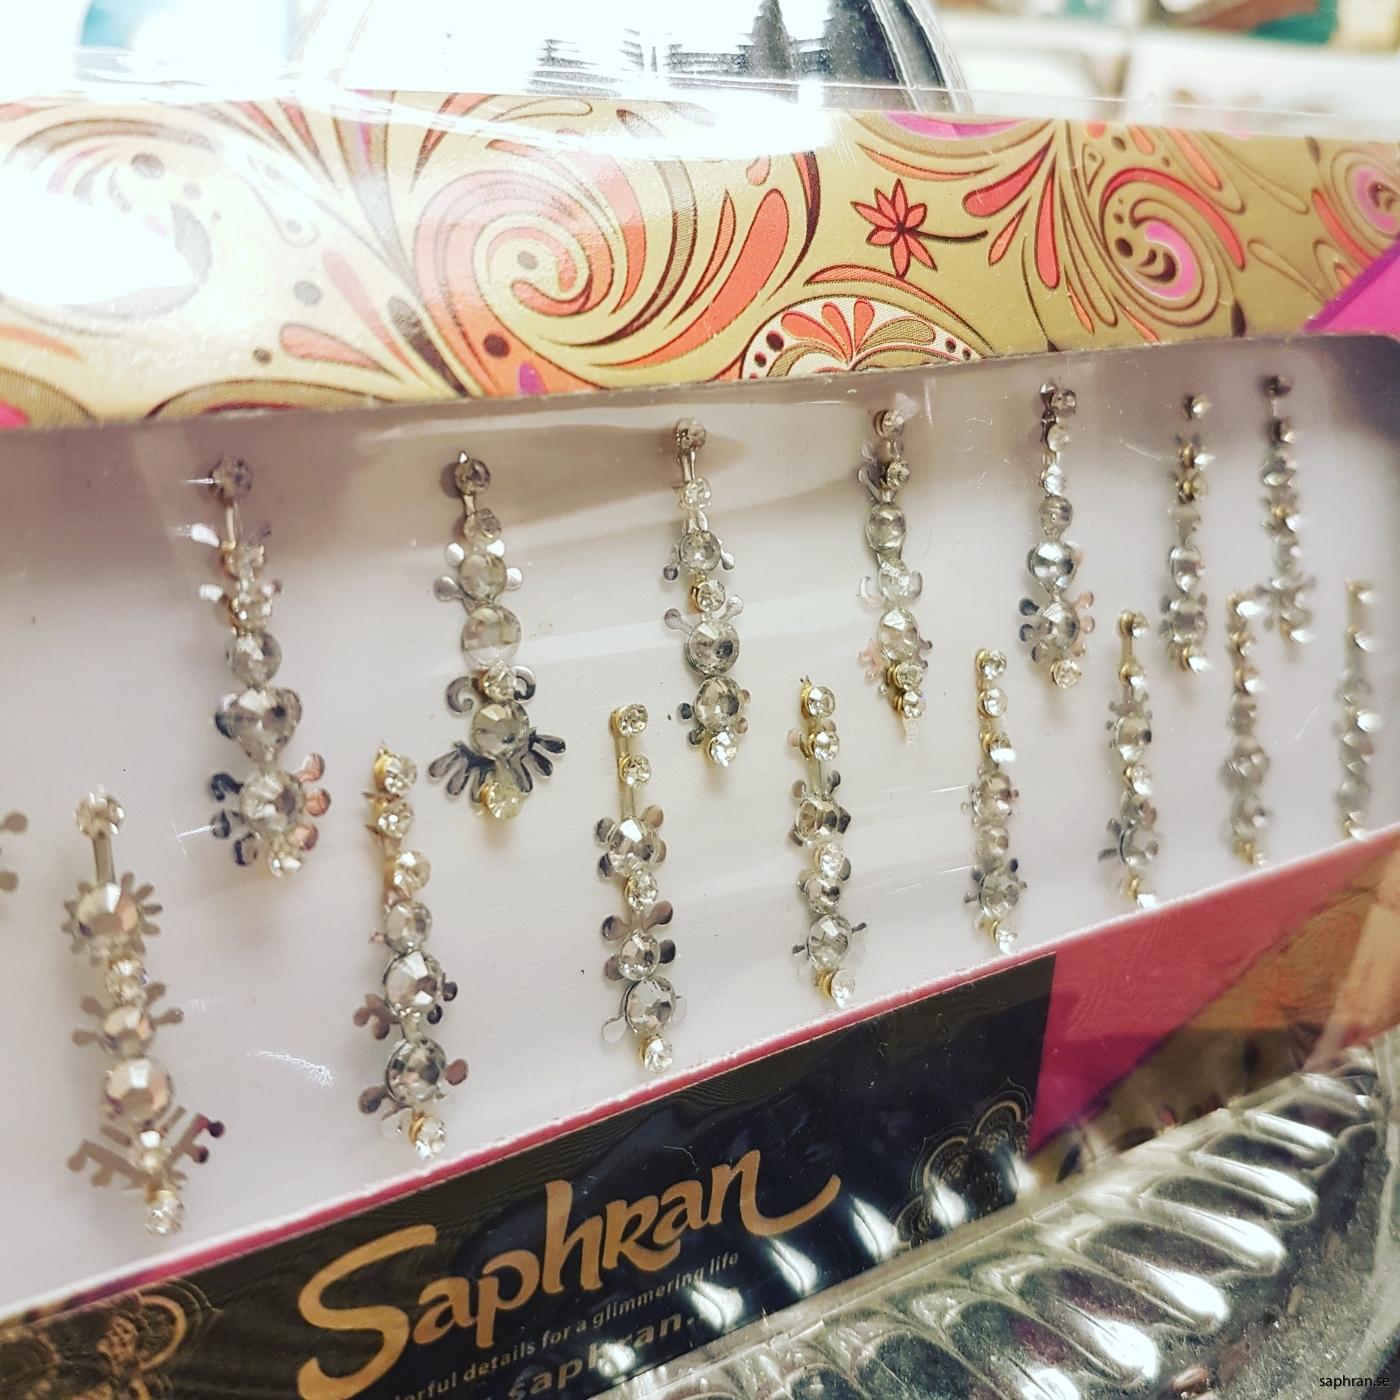 Ett silvrigt orientaliskt/indiskt smycke med silverdetaljer för fest